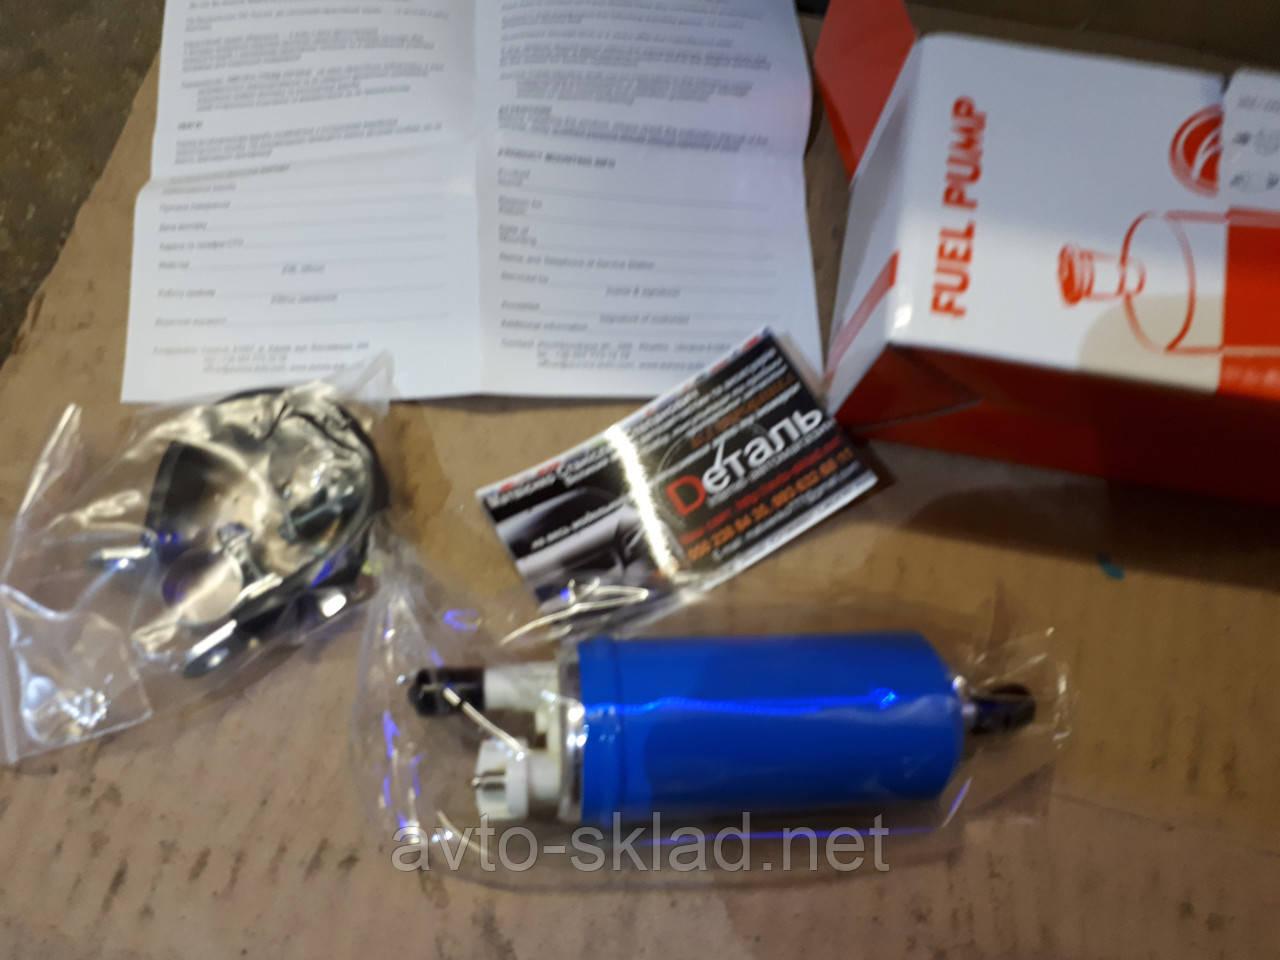 Насос топливный (электробензонасос) Ваз 2101, 2107, 2121, 2108, 21099, ЗАЗ 1102 для карбюраторного двигателя